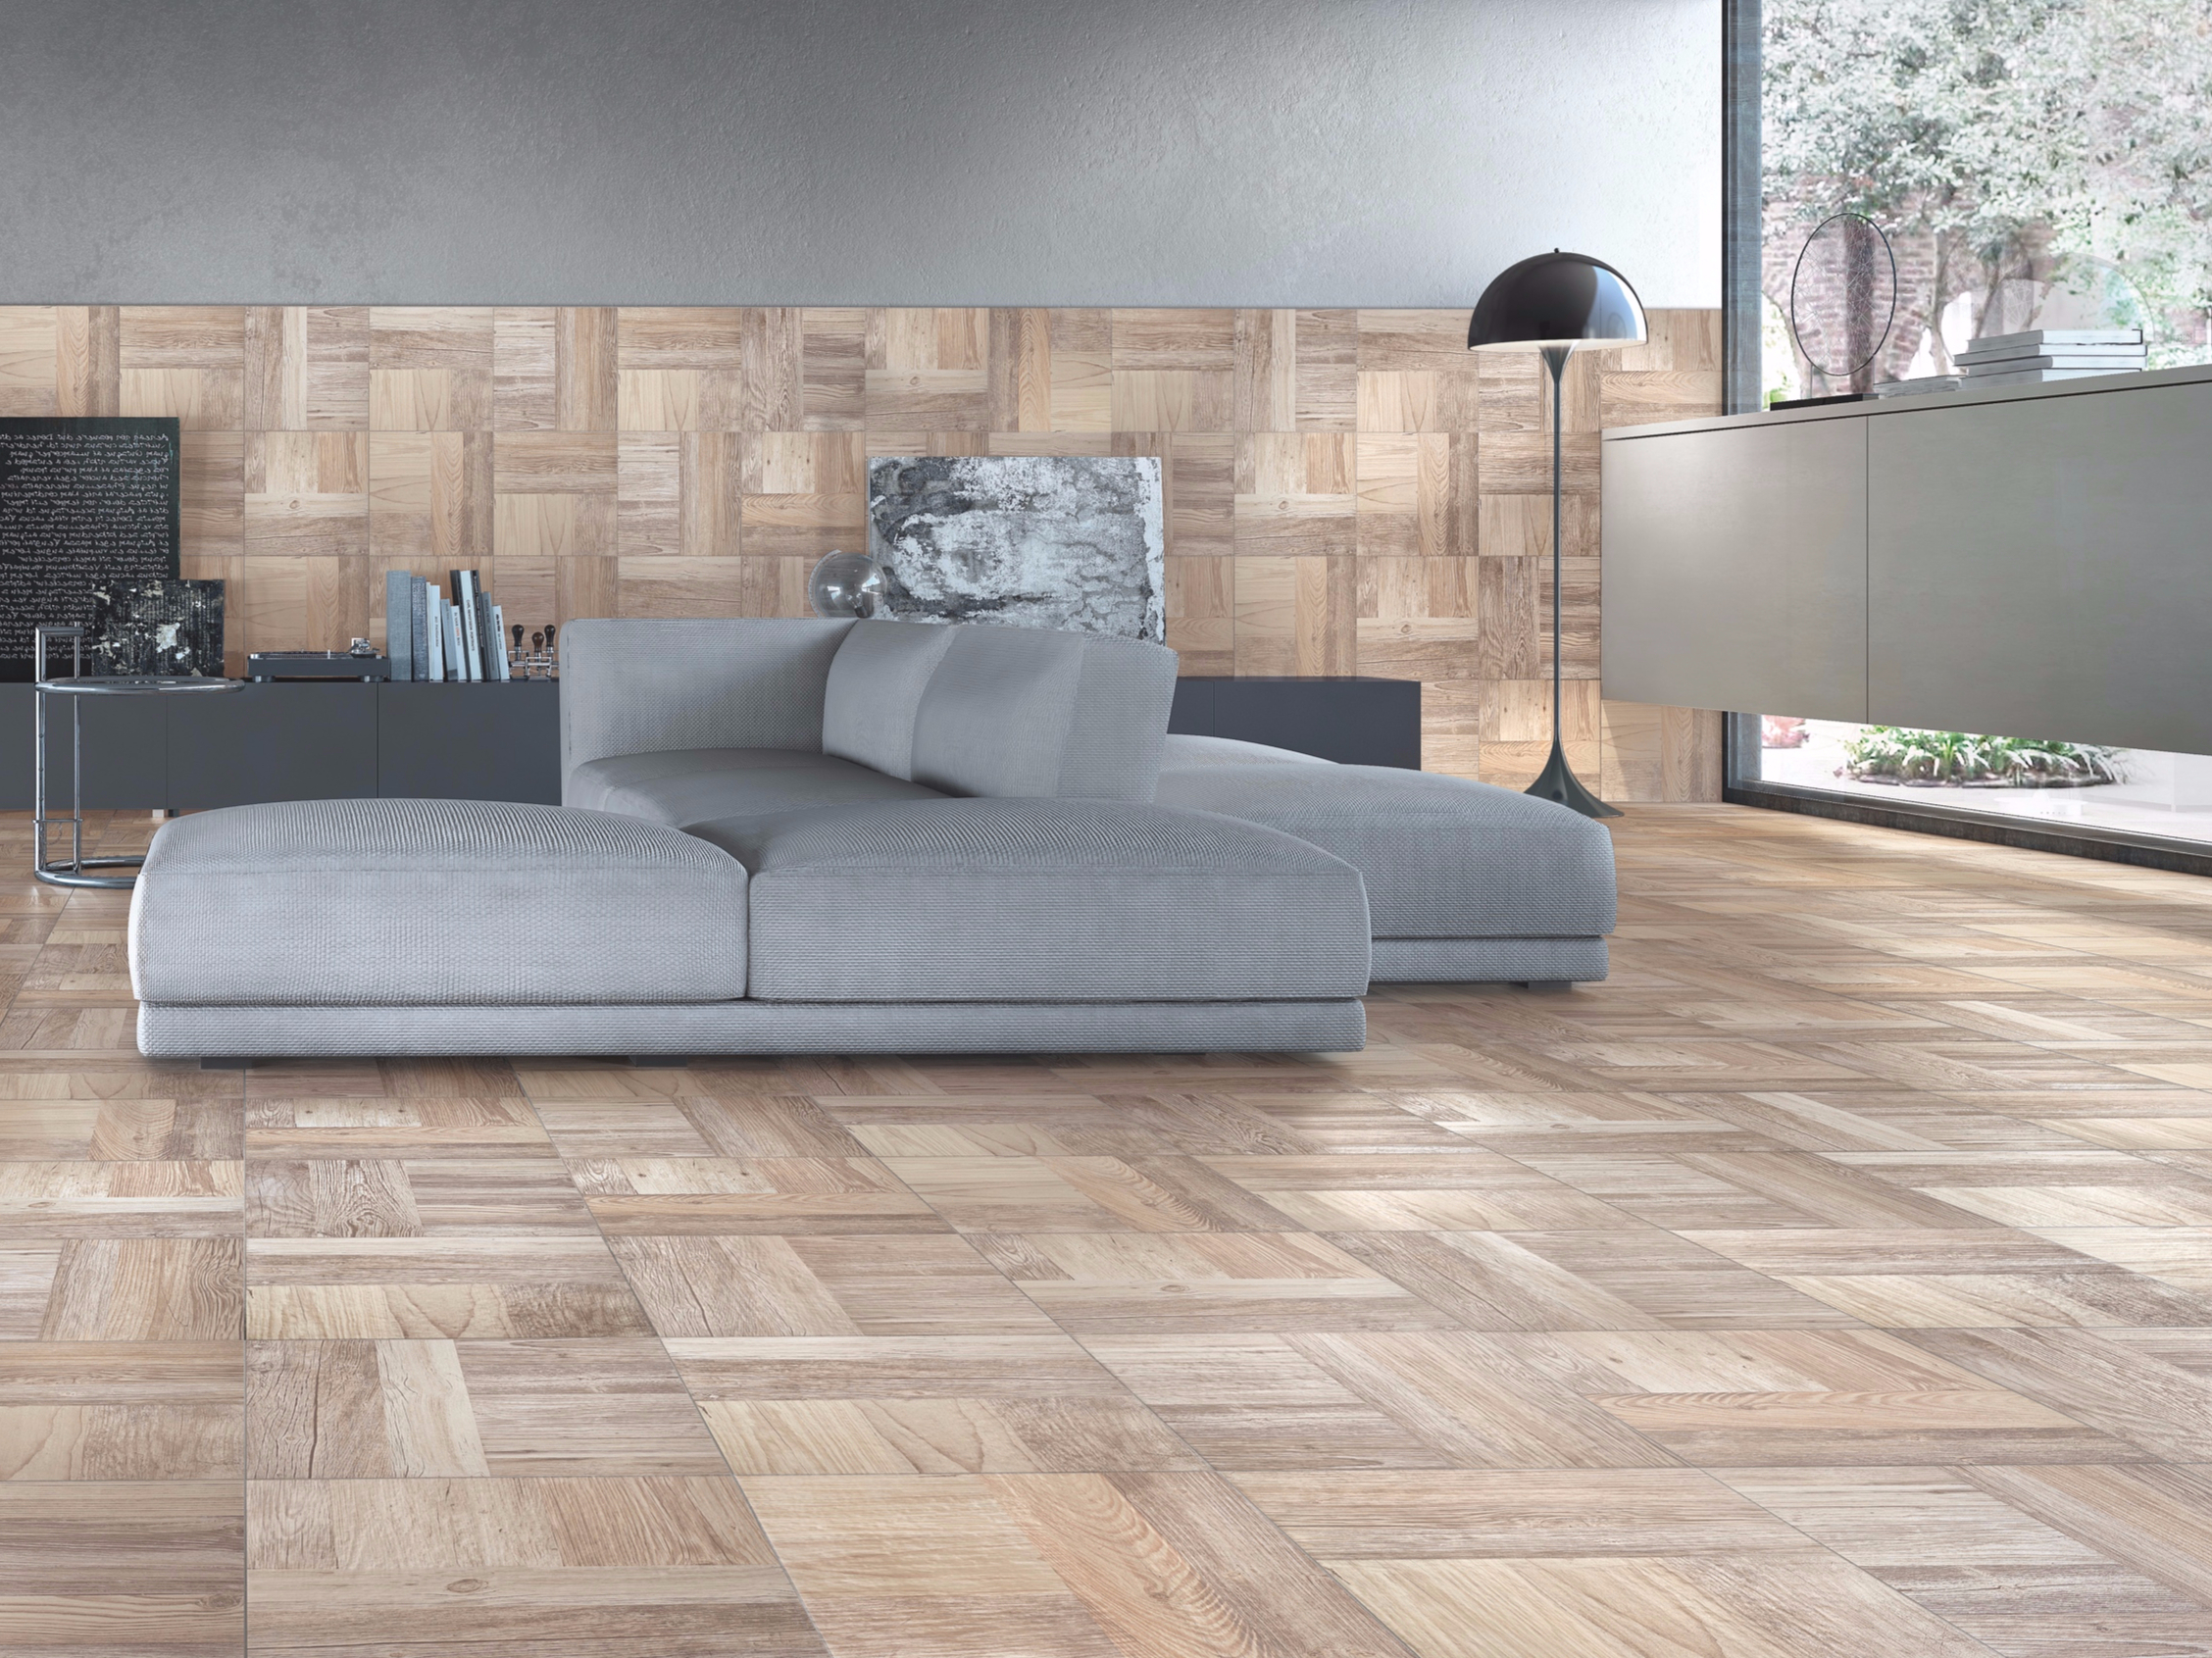 Pavimento in gres porcellanato effetto legno parchi - Piastrelle casalgrande padana ...